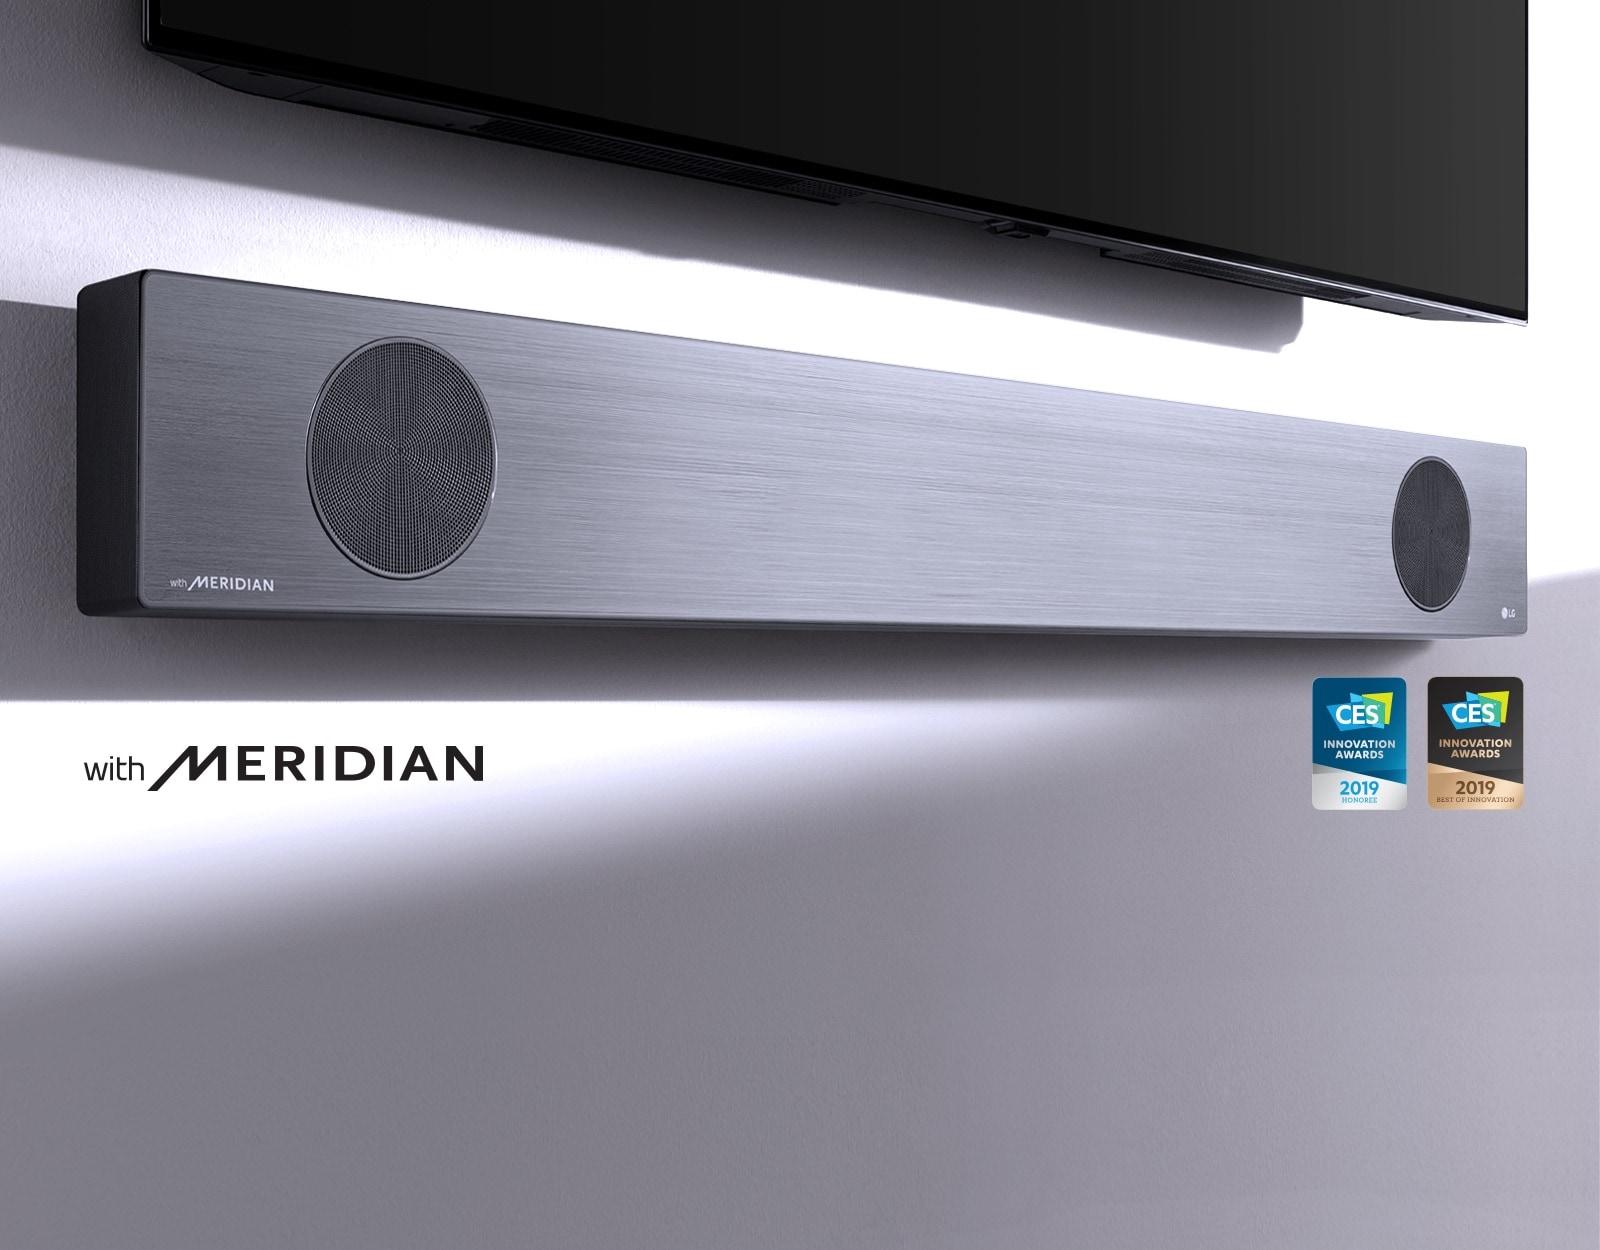 Technologie MERIDIAN pour un son exceptionnel1